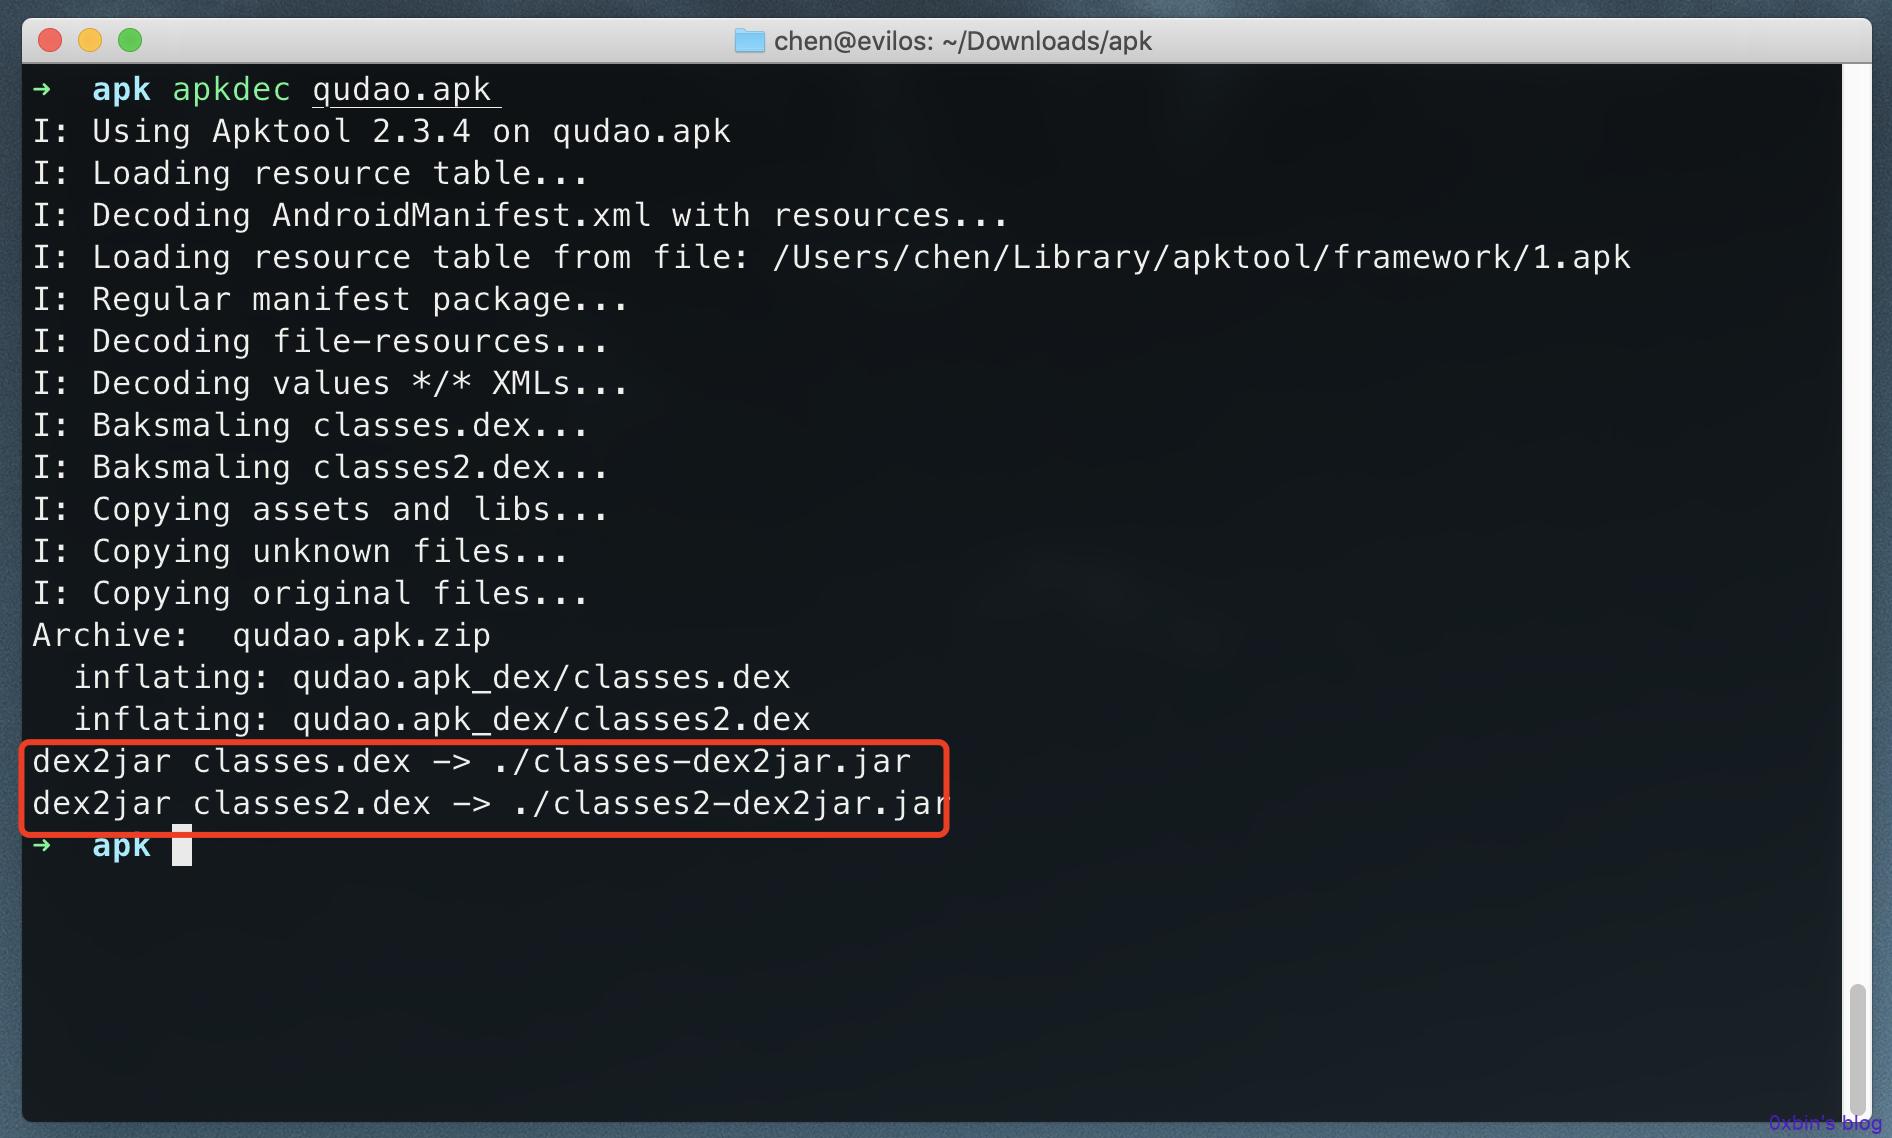 打造Mac下APK逆向环境到实战接口XSS挖掘